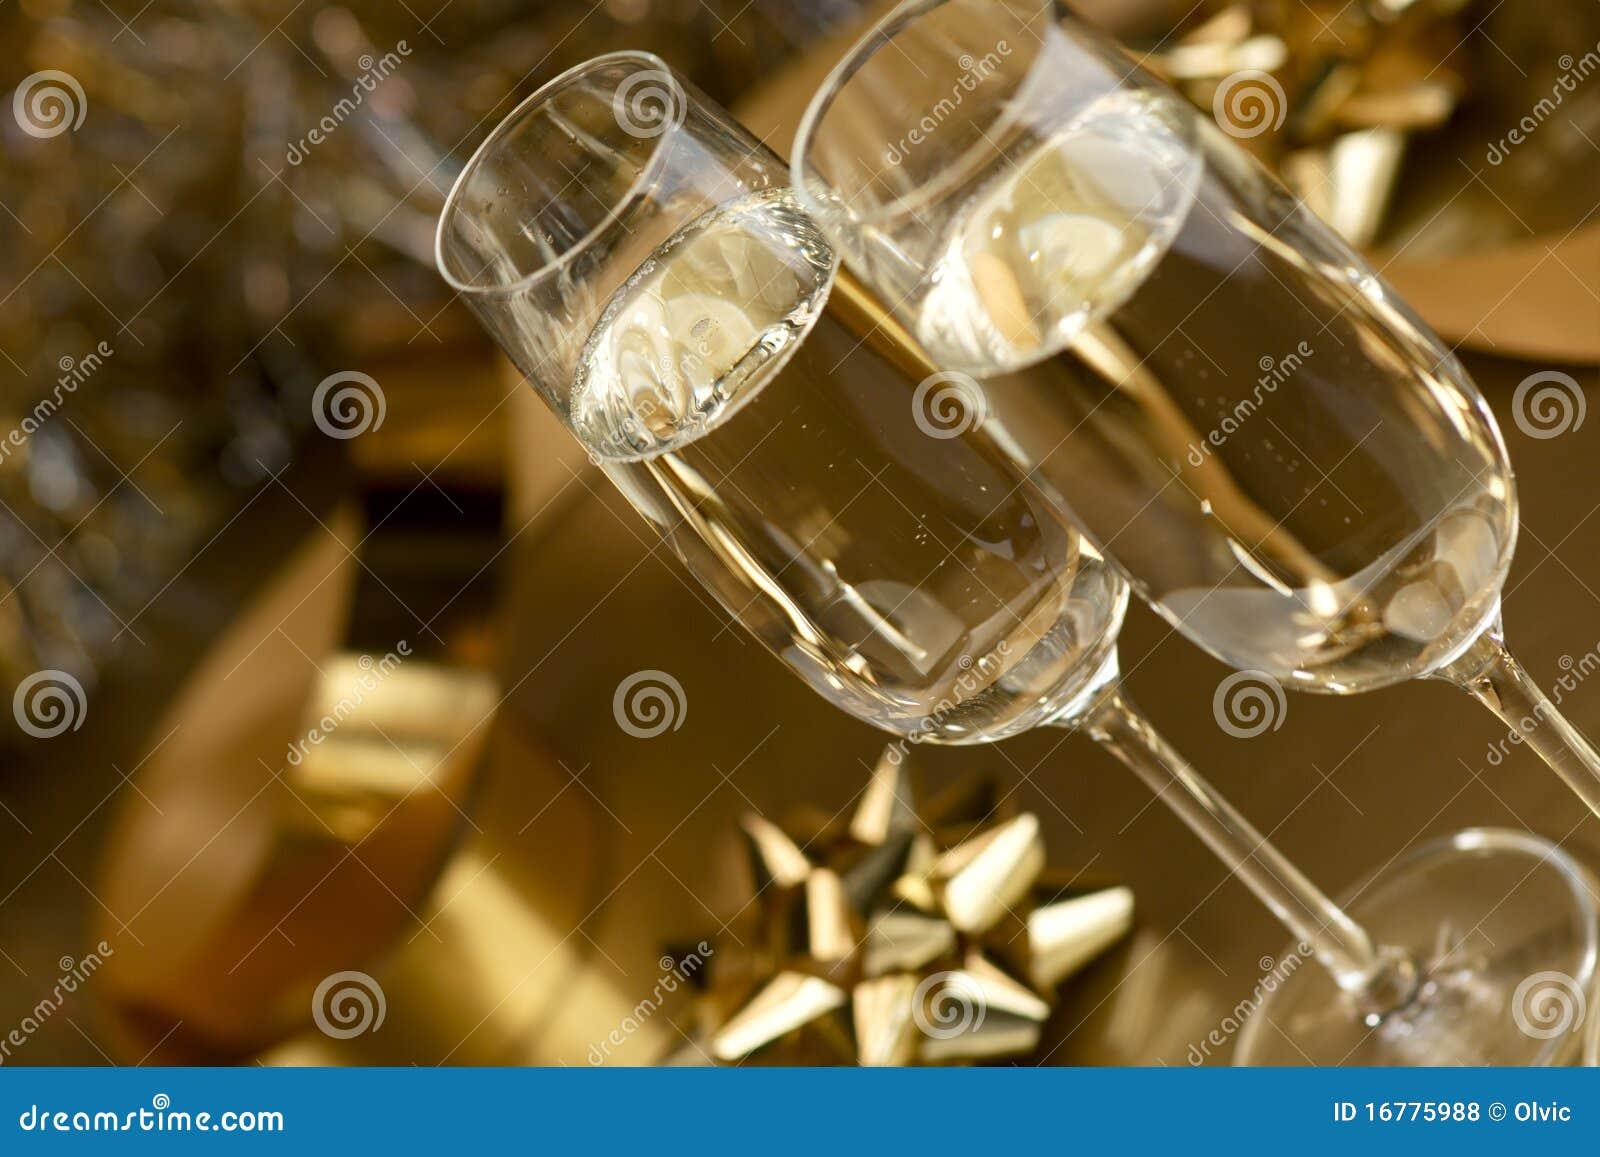 Vino. Champagne